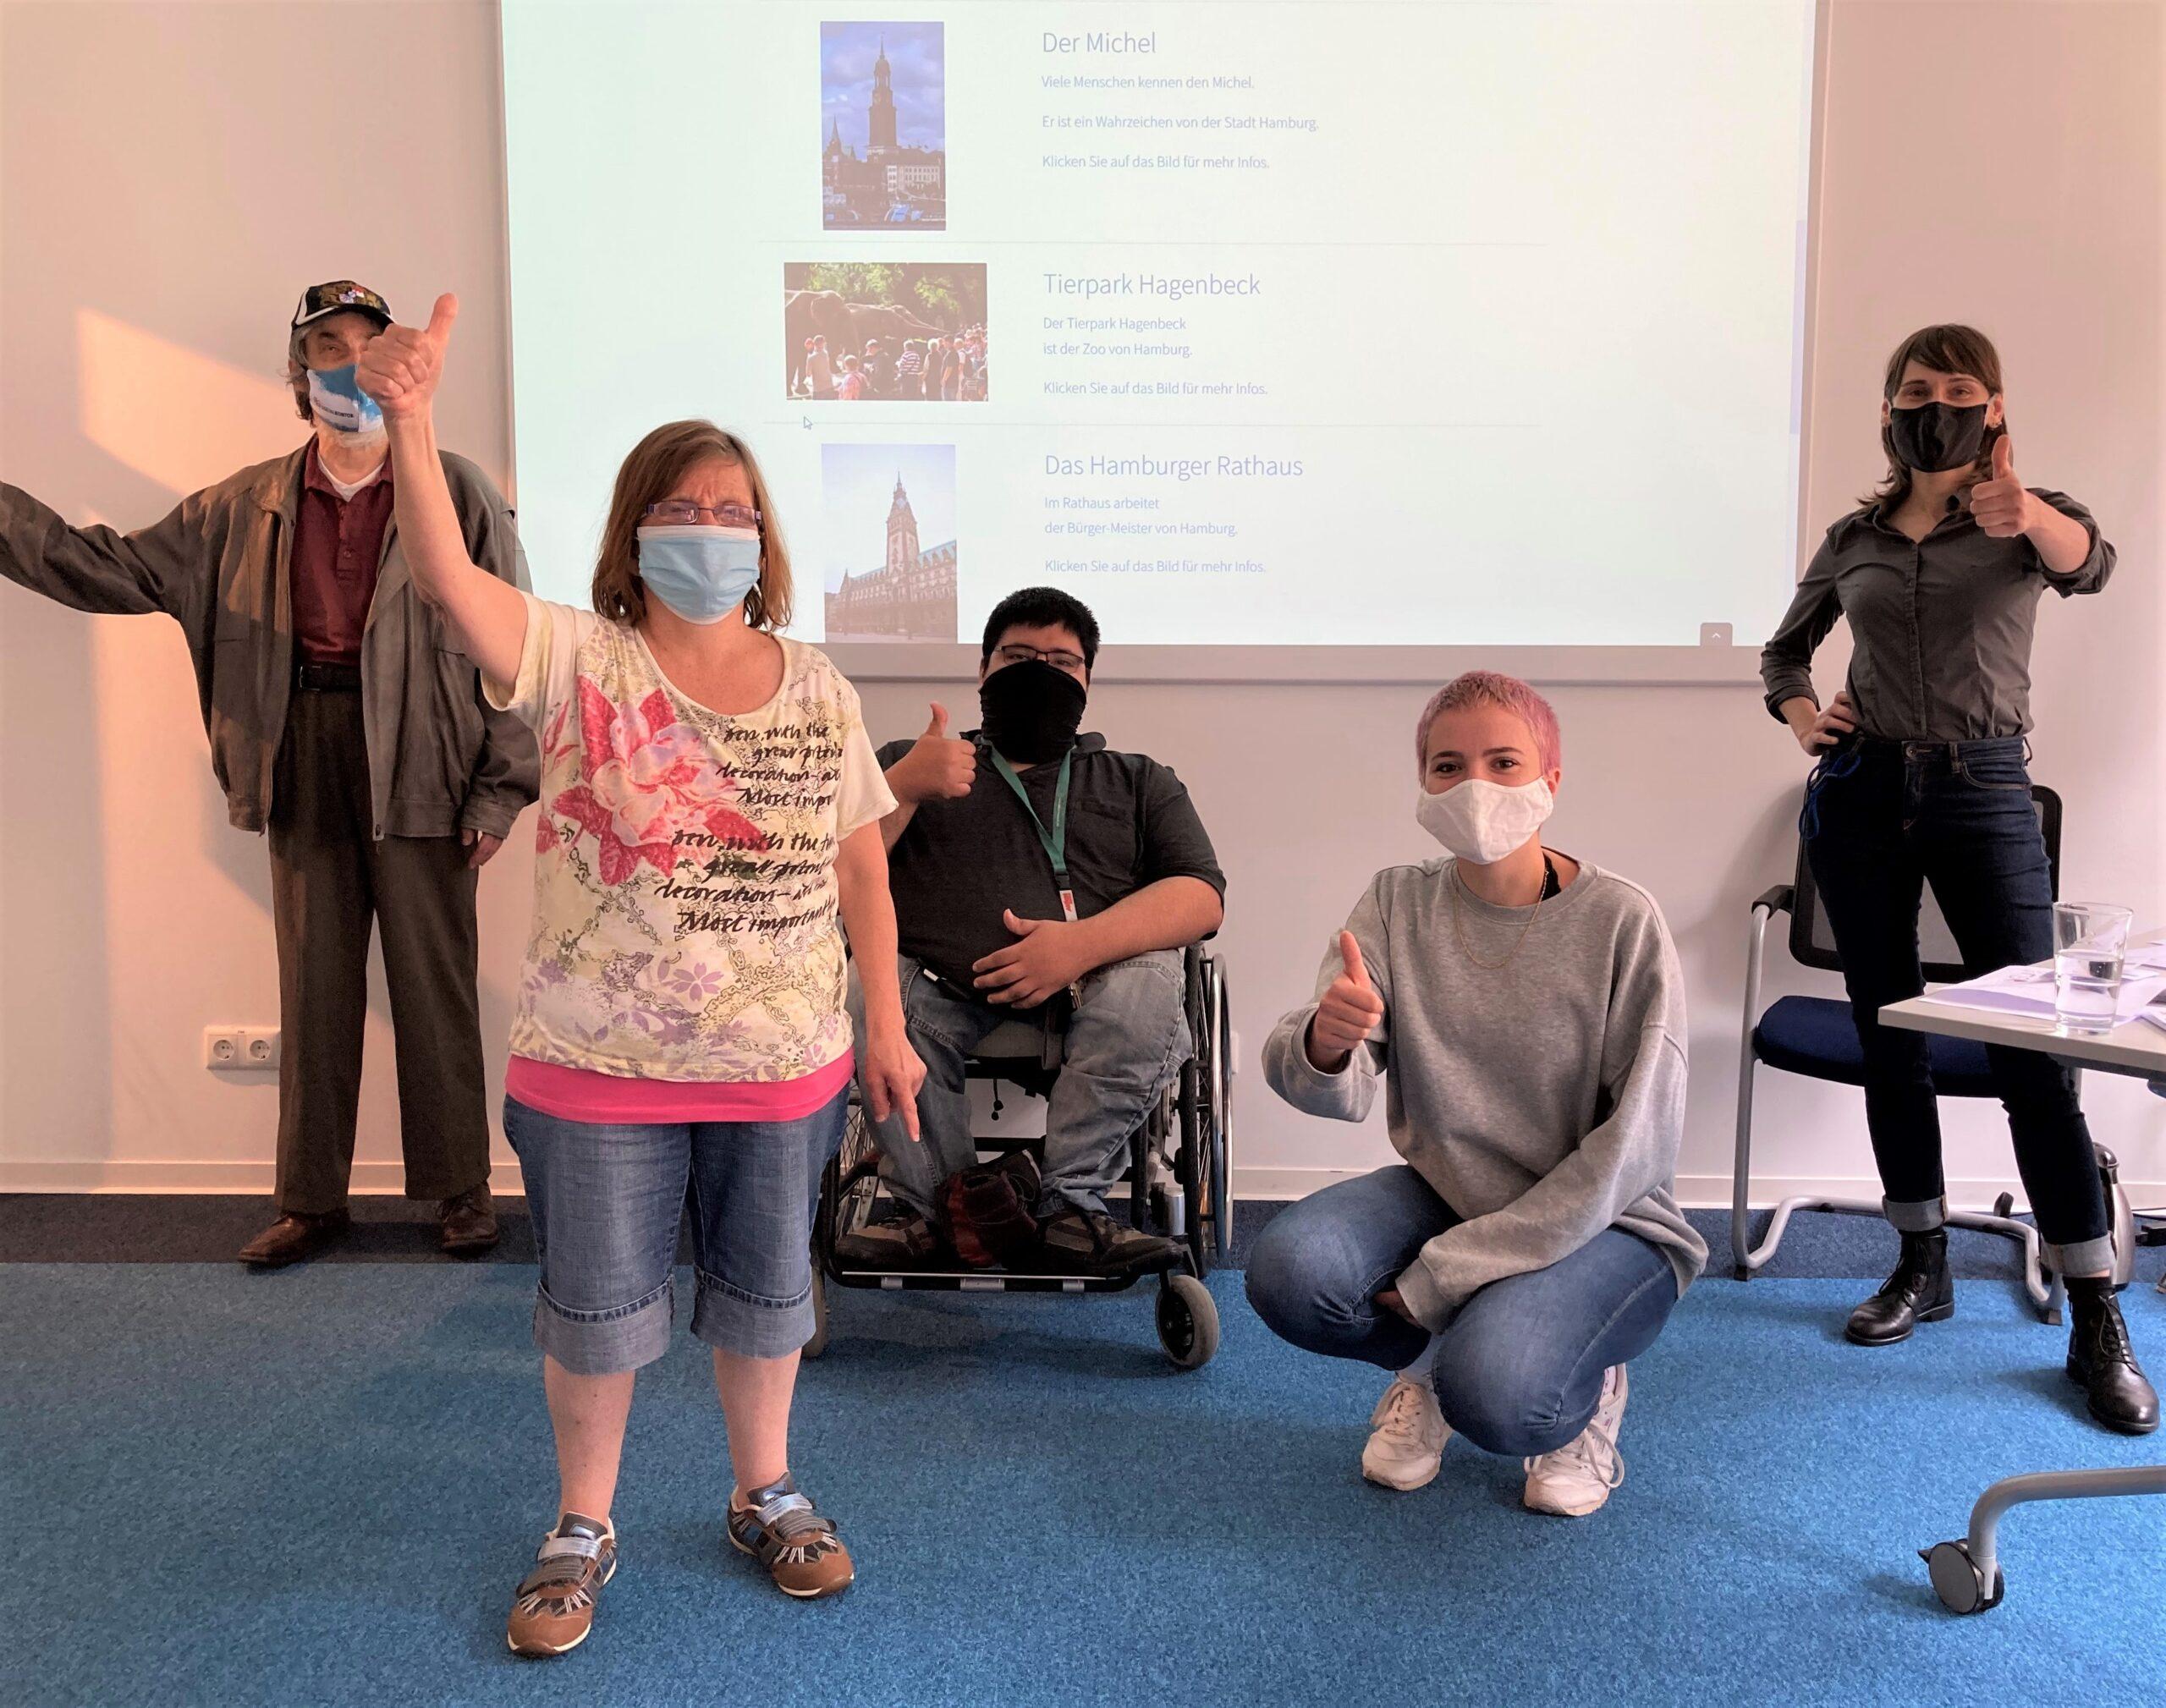 Menschen mit Mundschutz halten den Daumen hoch